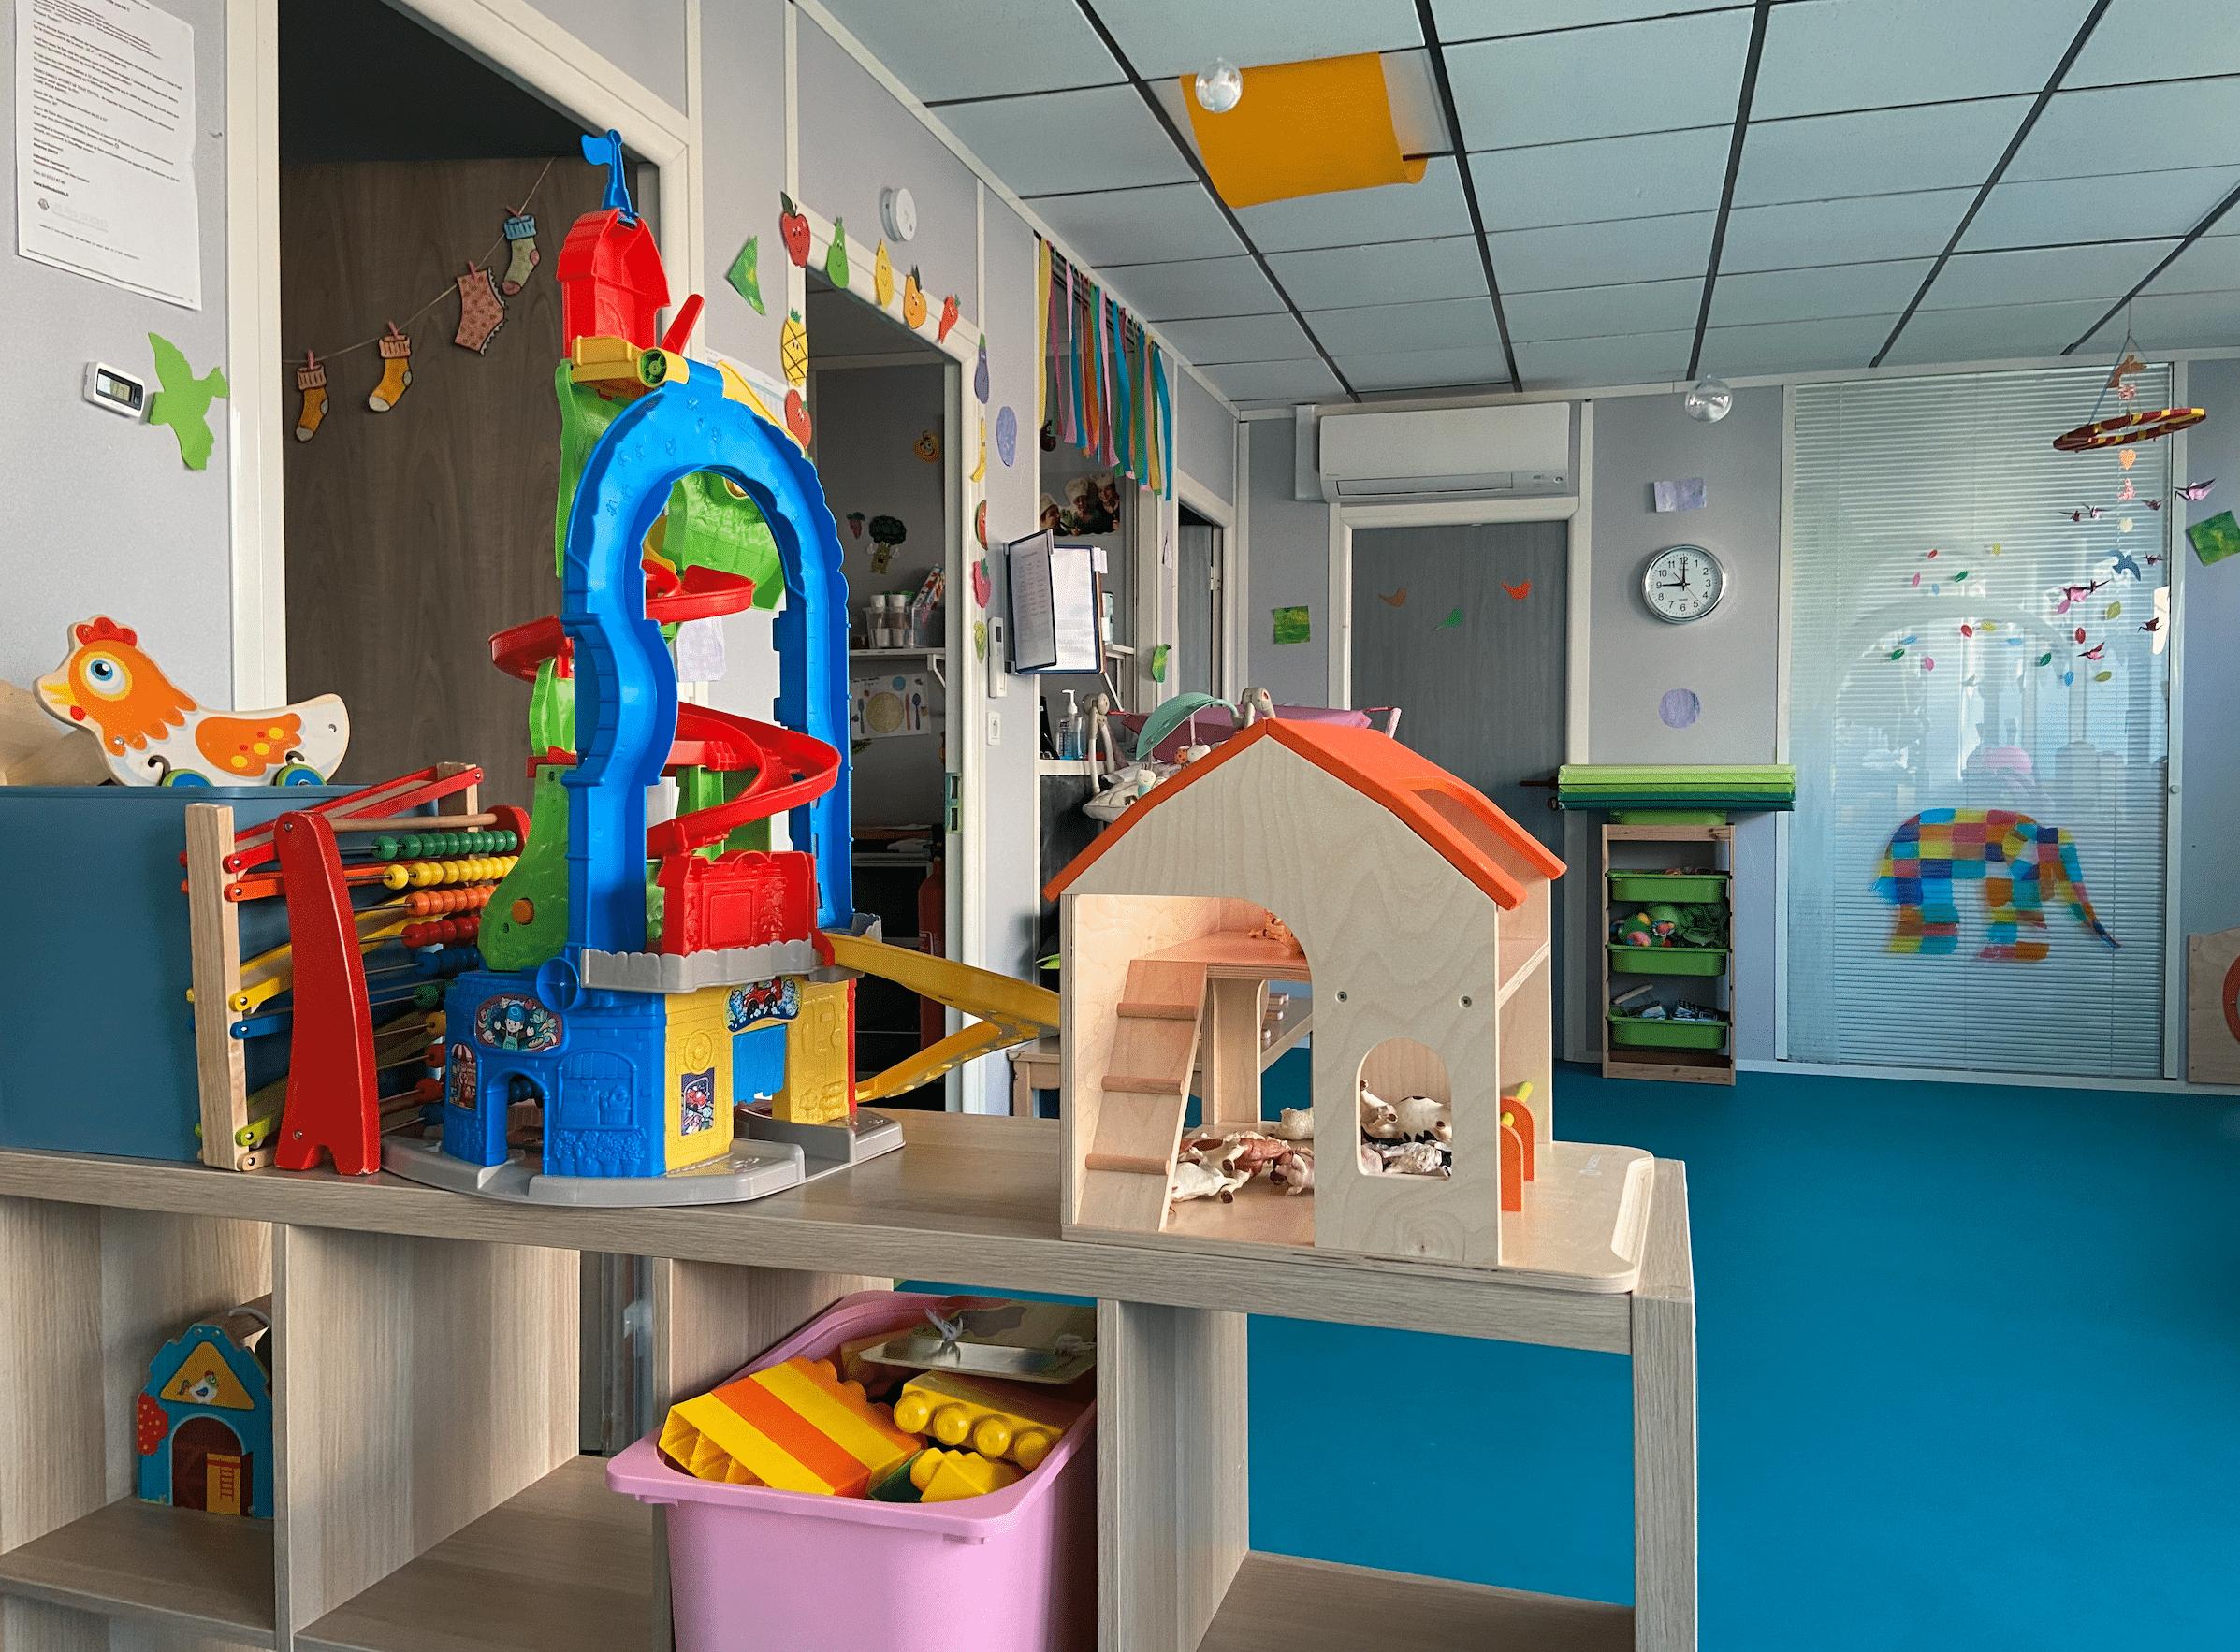 Vue d'ensemble sol bleu et jouets  micro-crèche bois guillaume de différentes couleurs